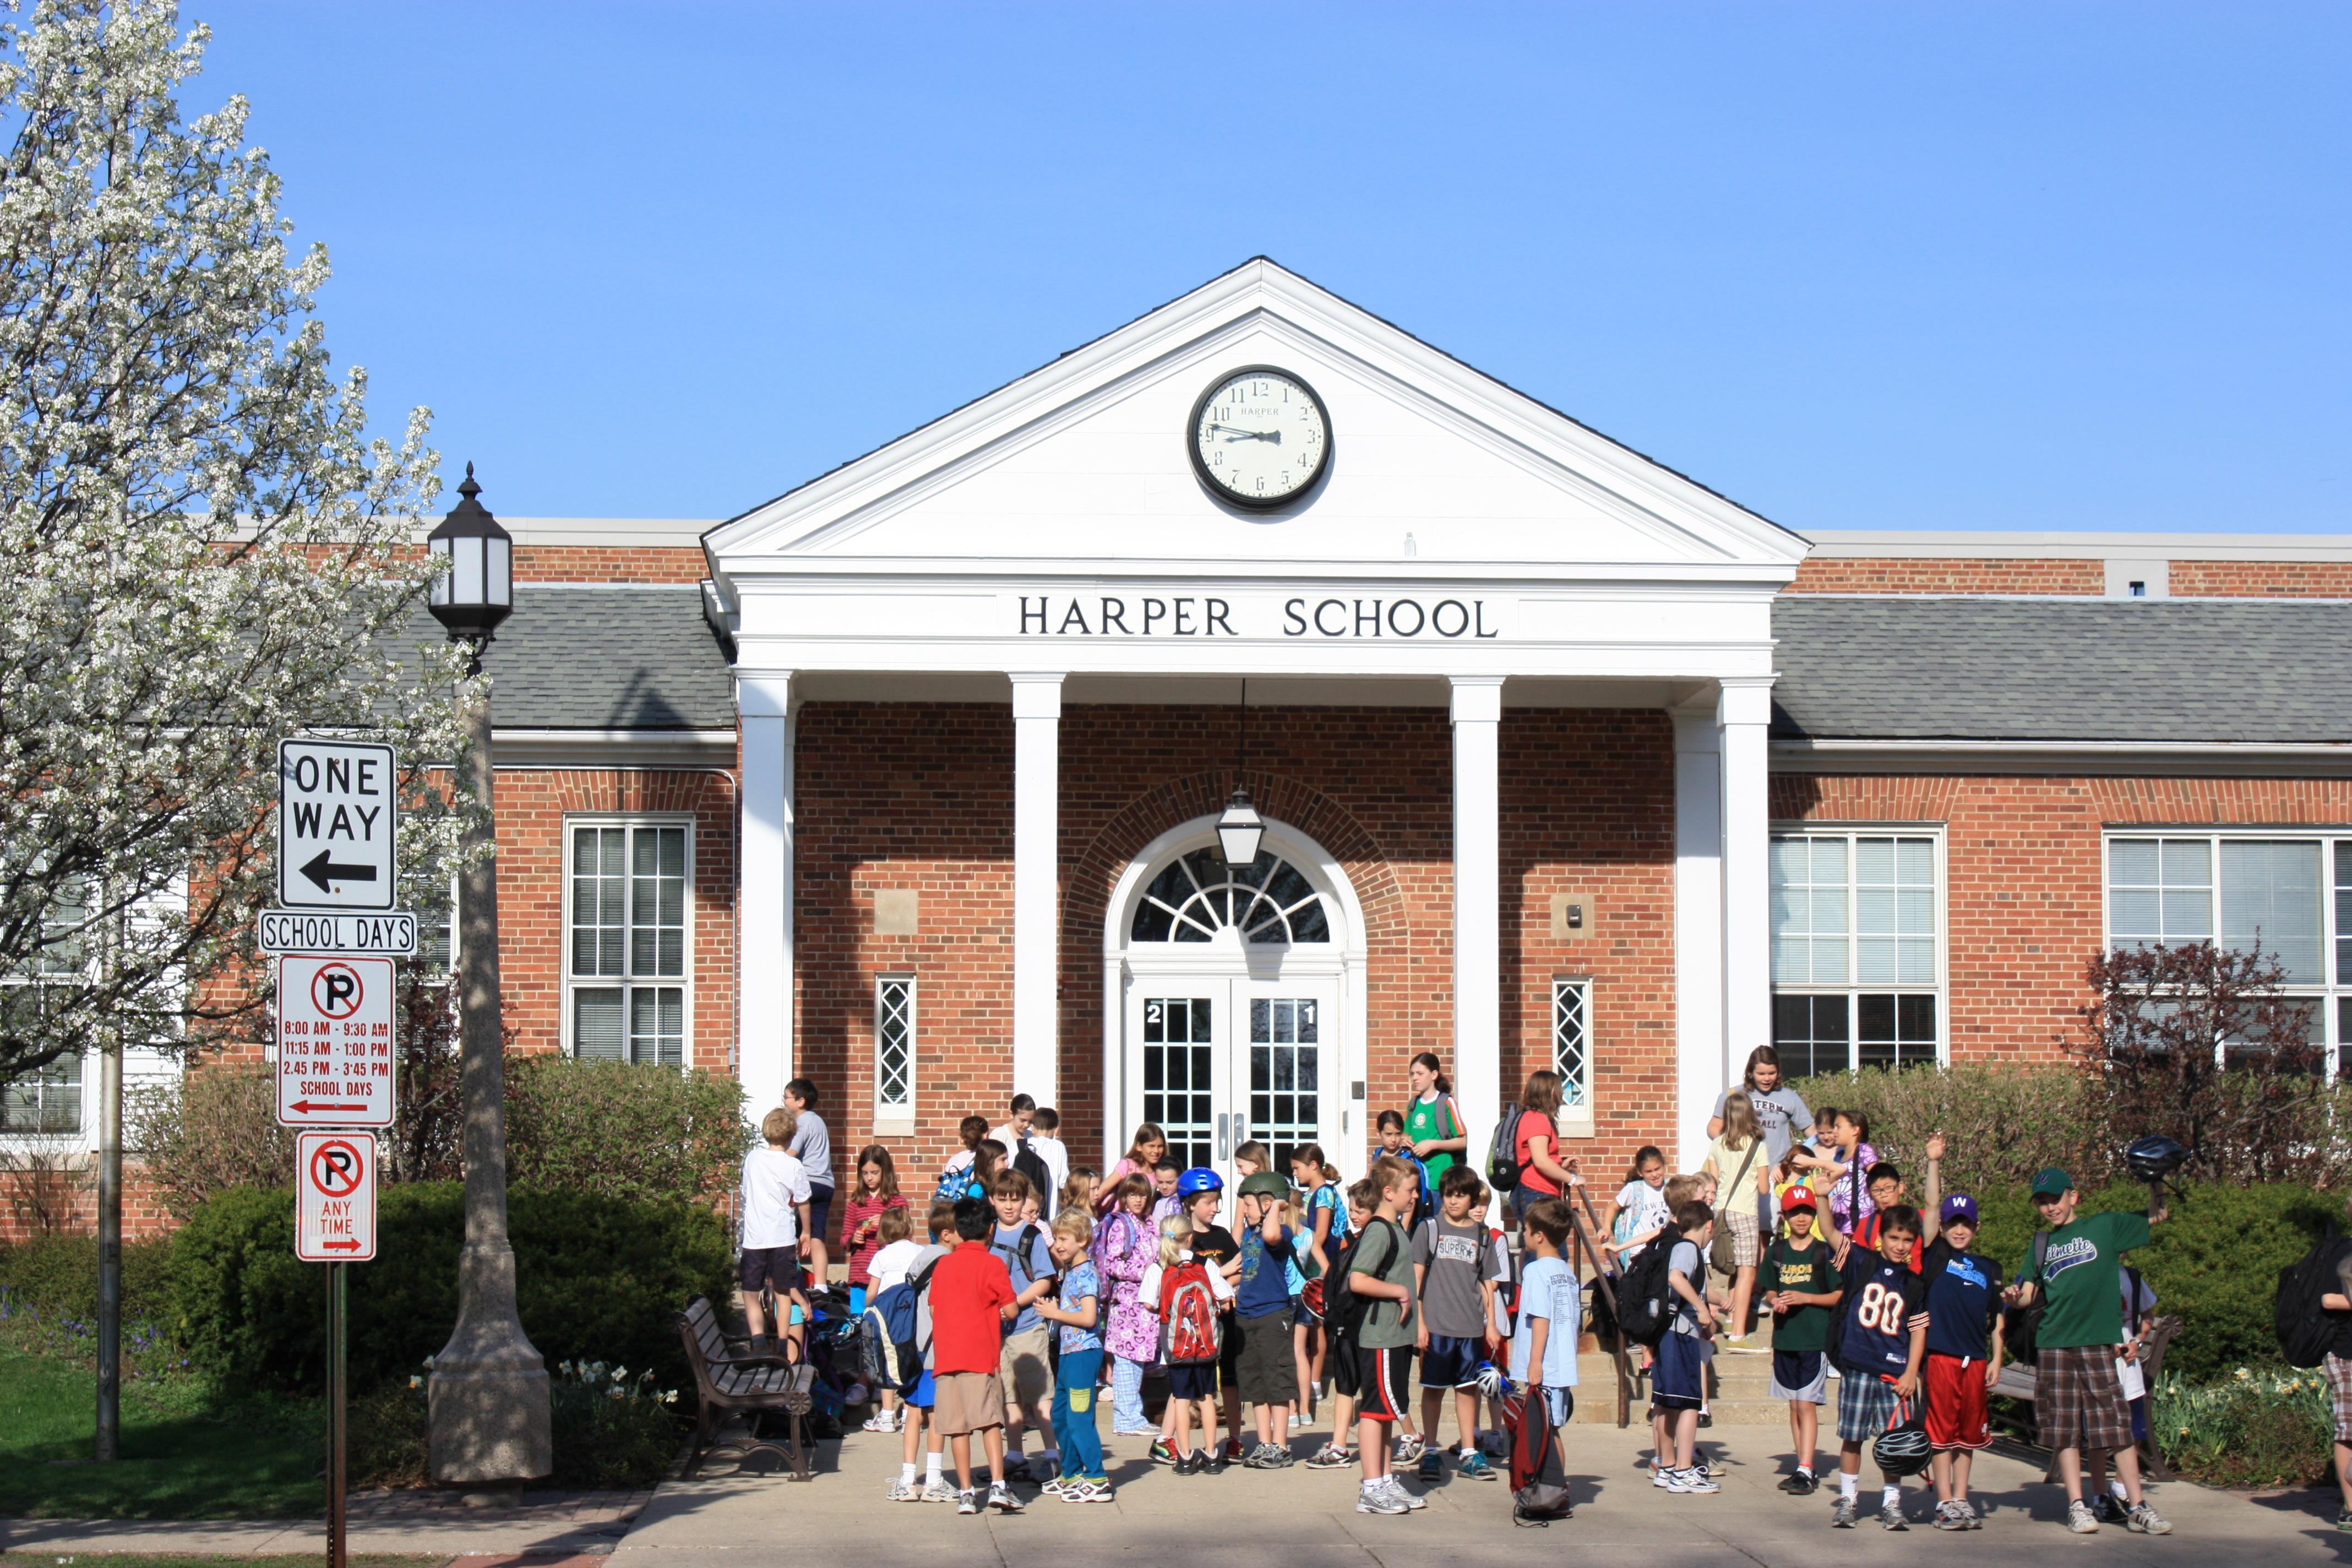 Harper Elementary School Wilmette